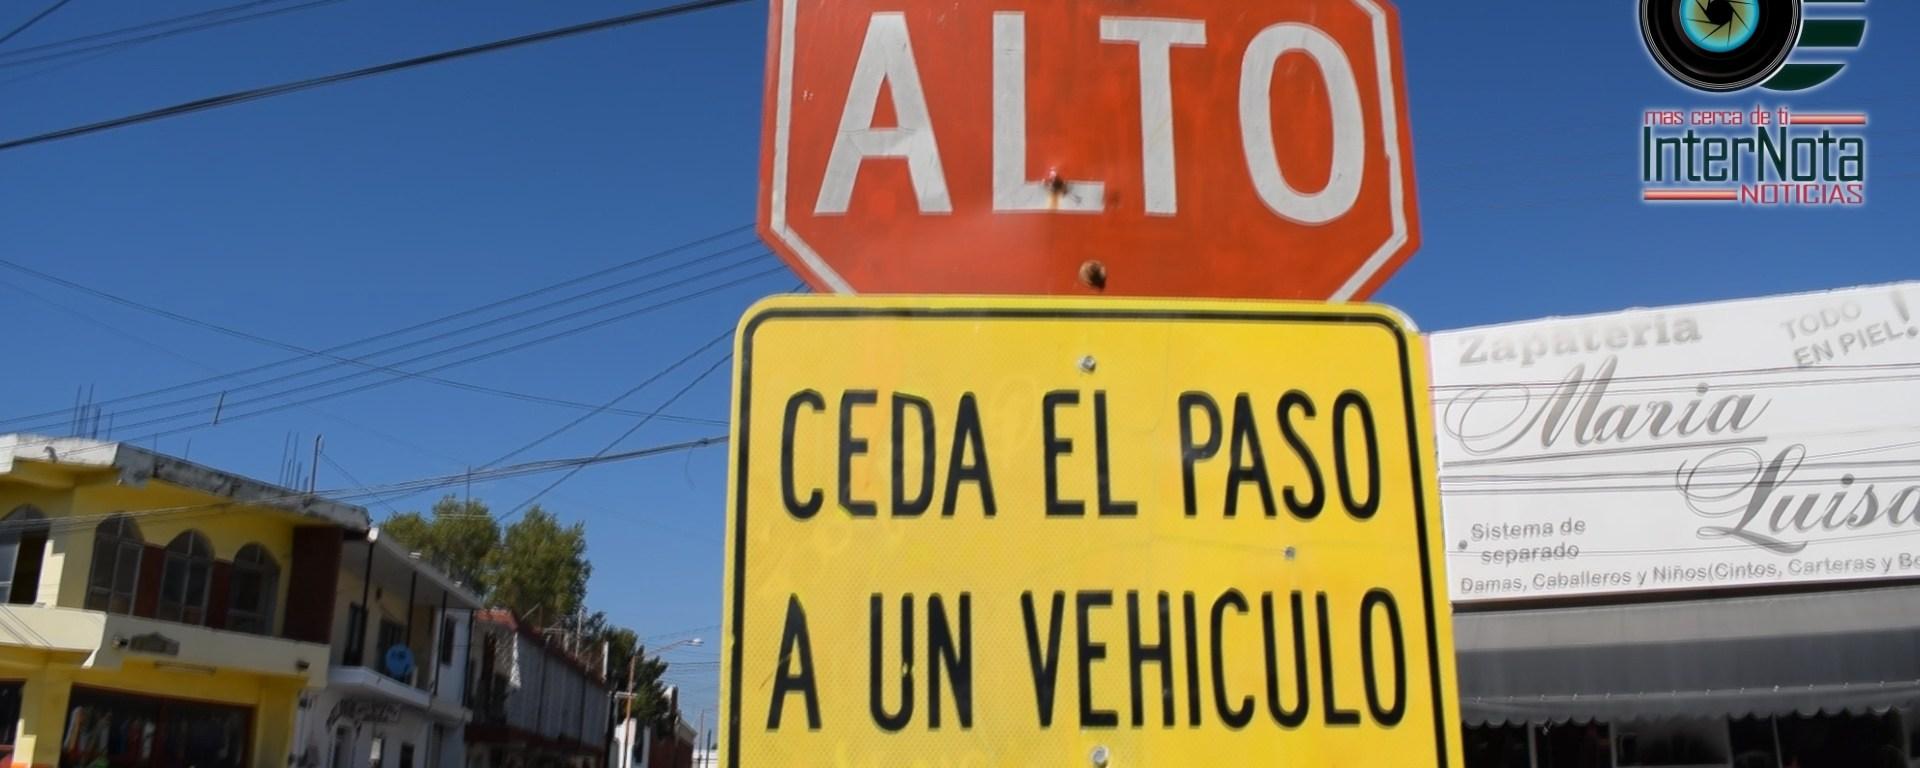 CON LA FINALIDAD DE EVITAR ACCIDENTES EN UN ÁREA MUY TRANSITADA